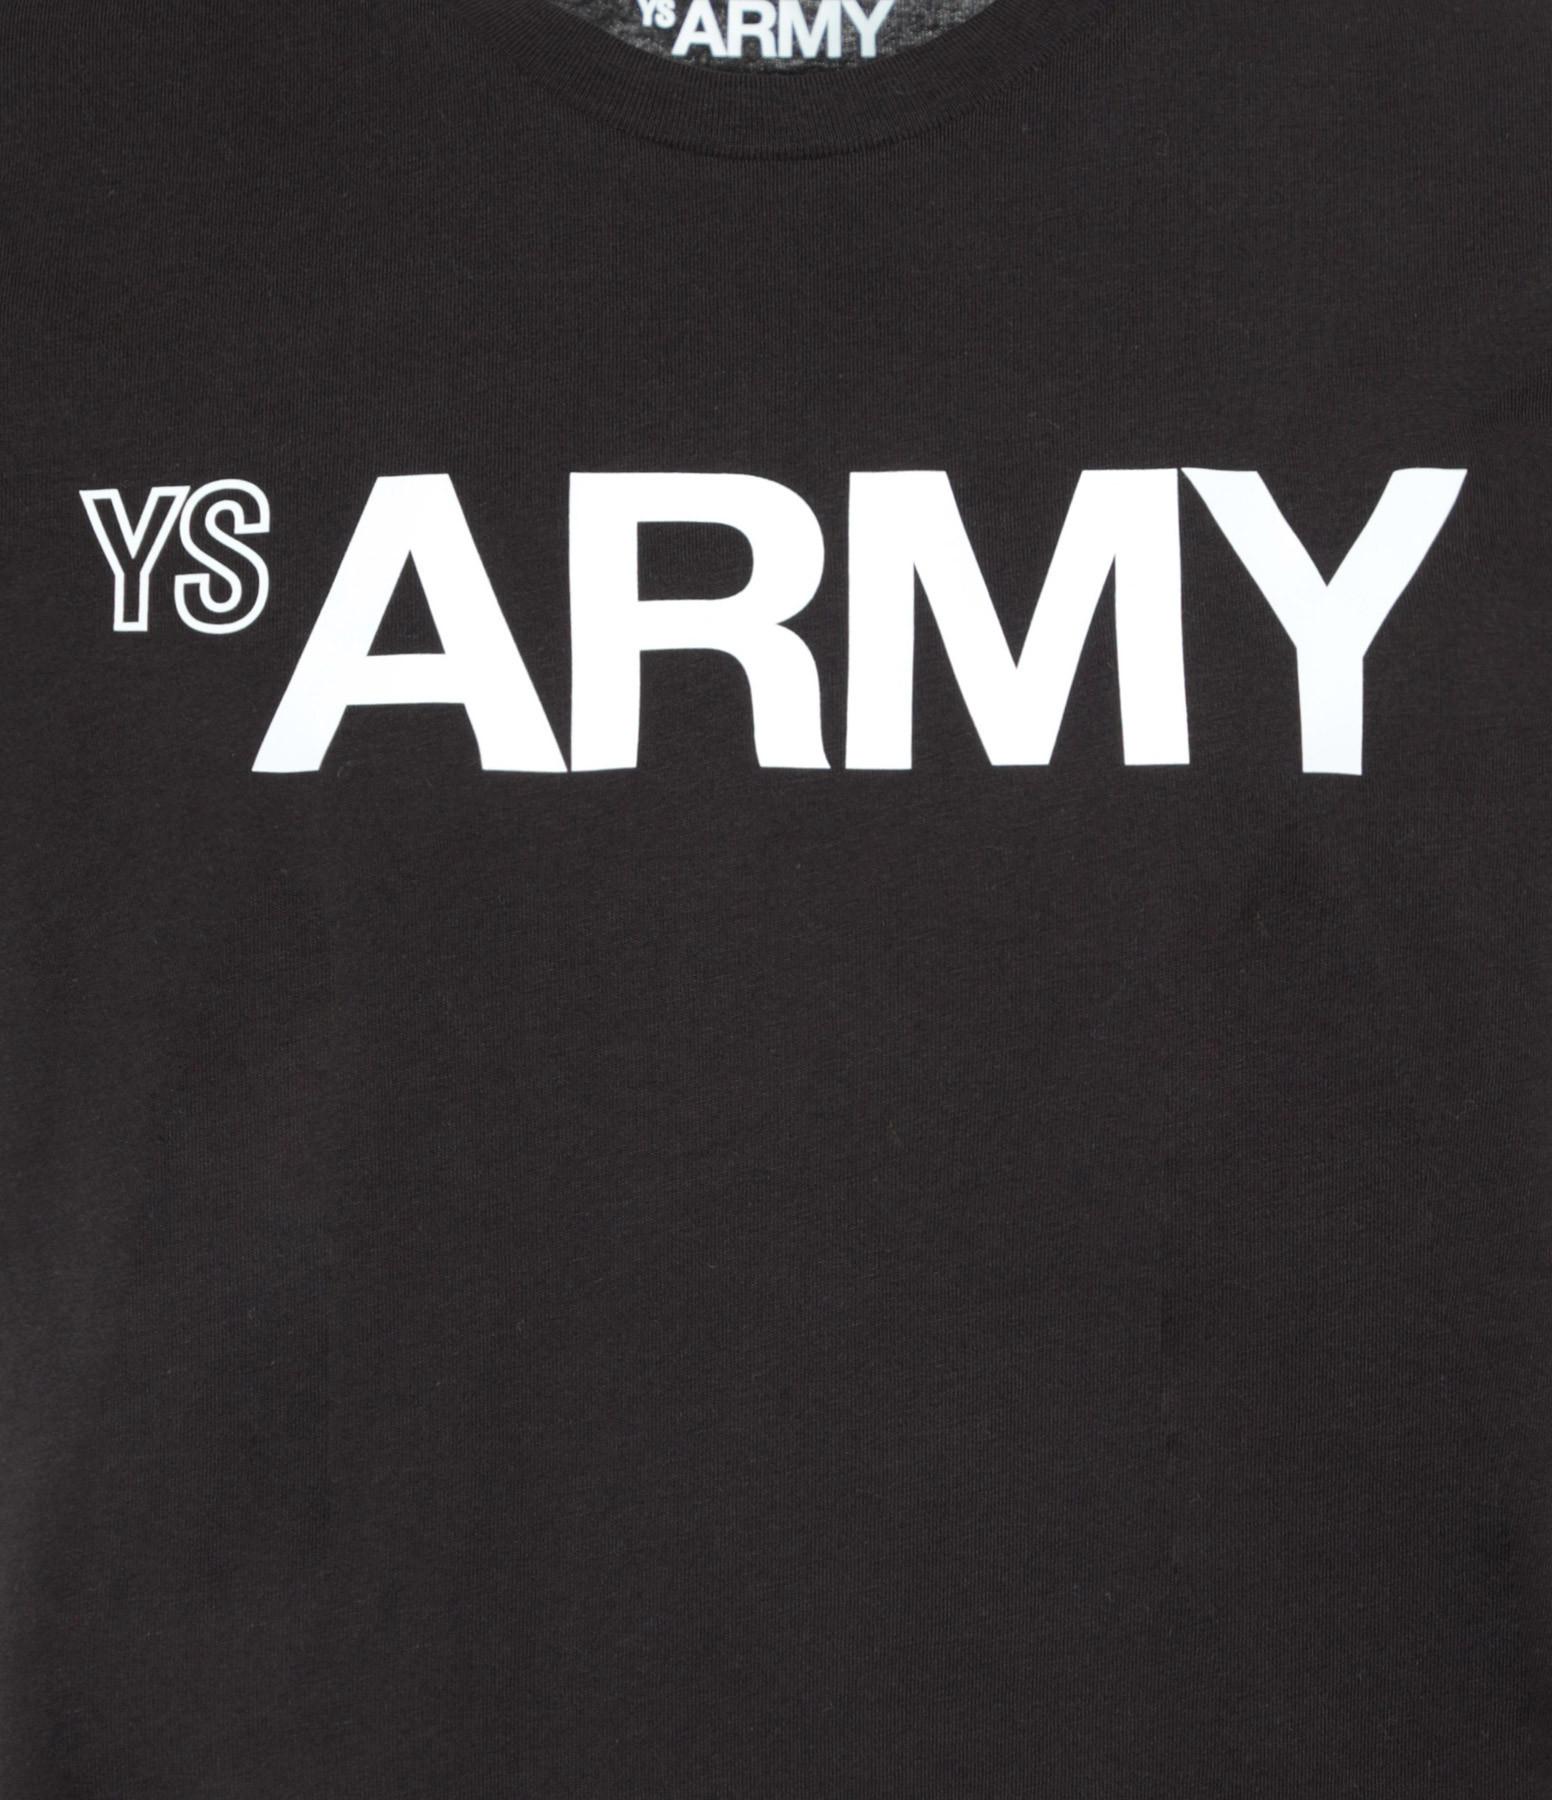 YVES SALOMON - ARMY - Tee-shirt Coton Noir